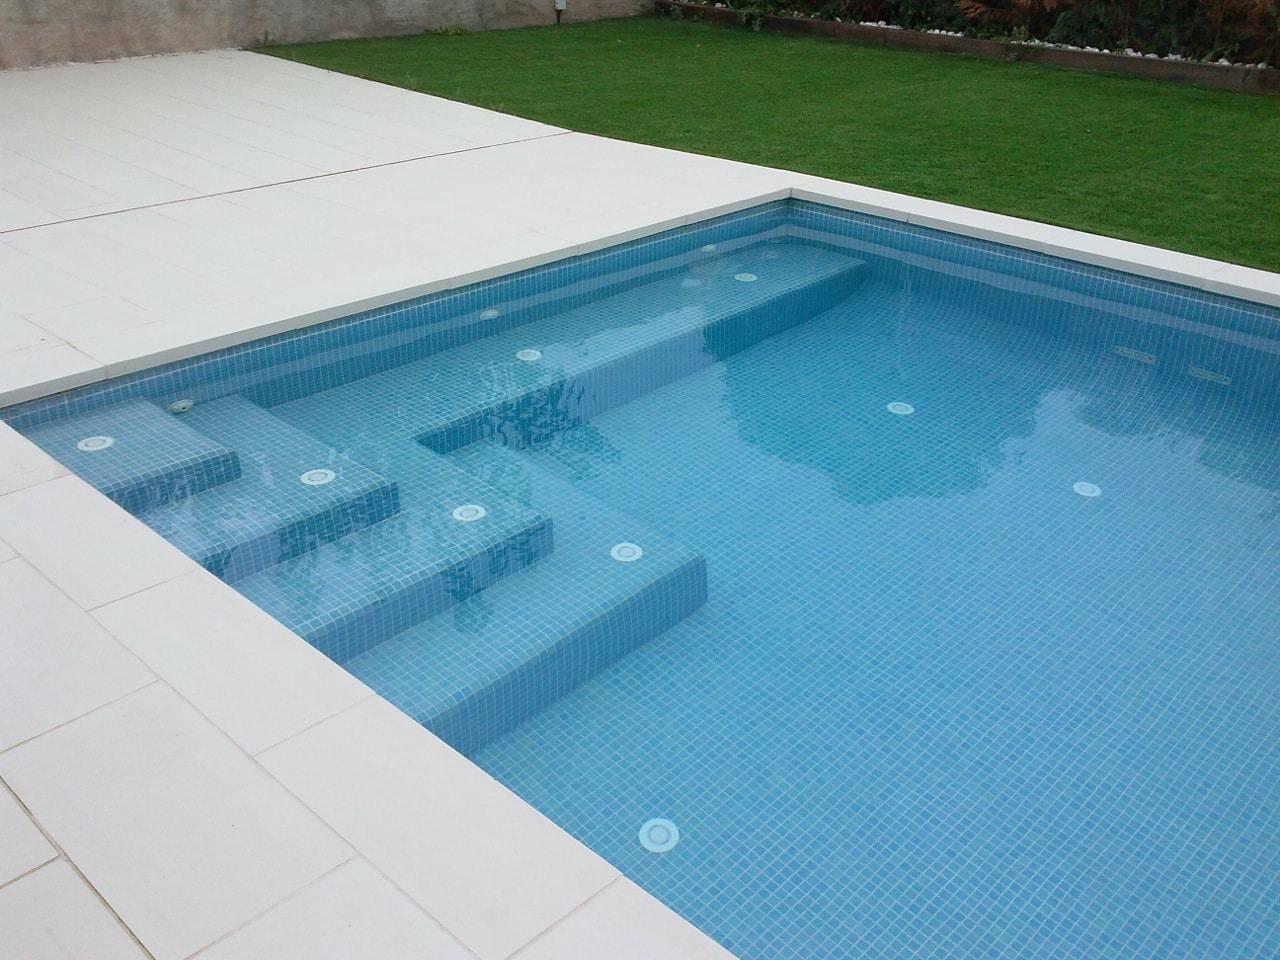 Como hacer piscina de cemento proyectado - Como limpiar el fondo de una piscina ...